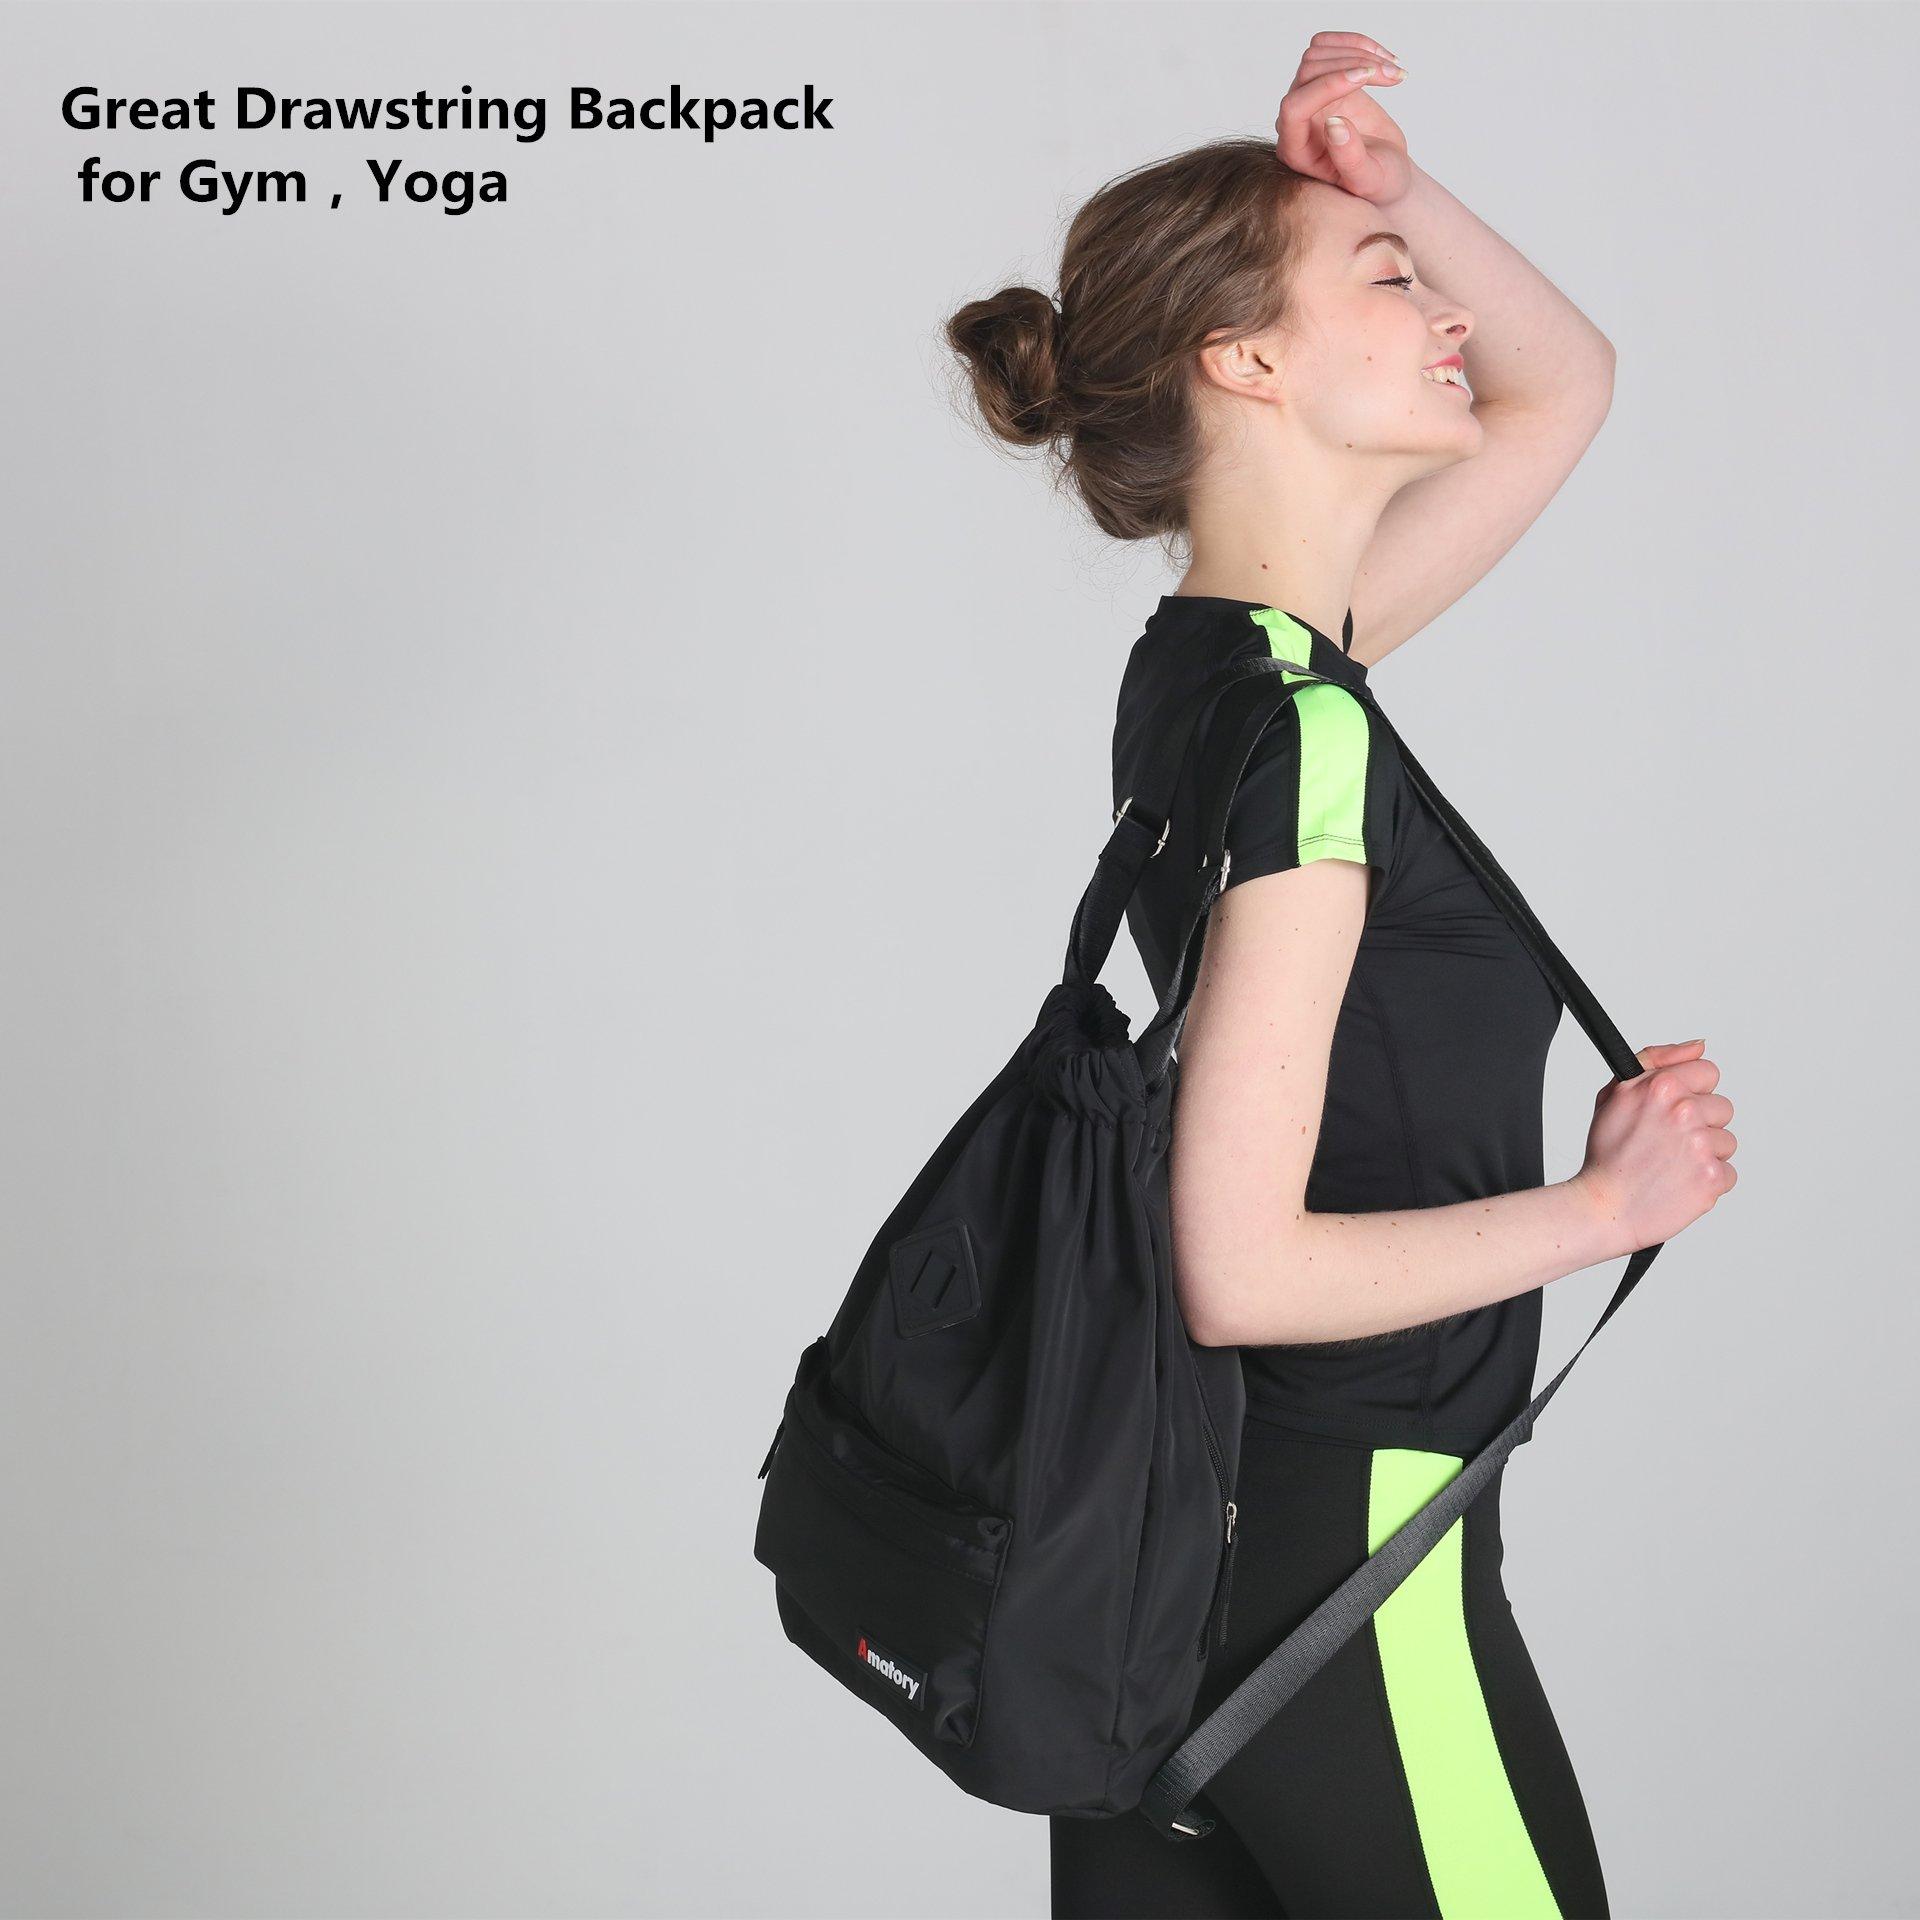 237f4af028e1 Drawstring Backpack String Bag Sports Waterproof Sackpack Gymsack Gym Cinch  Sack (Black) - A-1908-Black   Drawstring Bags   Clothing